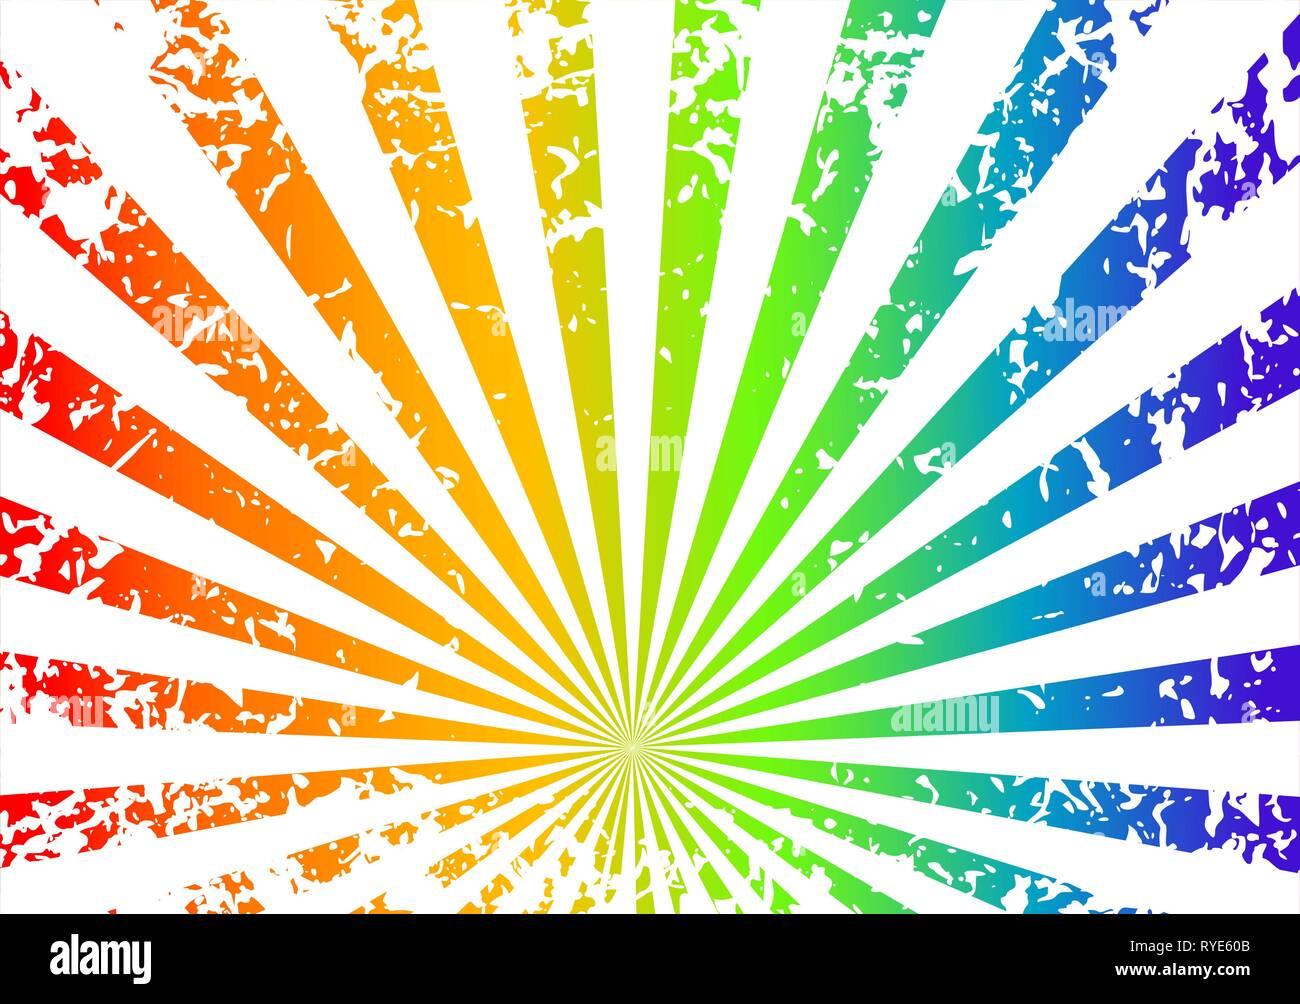 Grunge sunrise Hintergrund - Regenbogen Stock Vektor